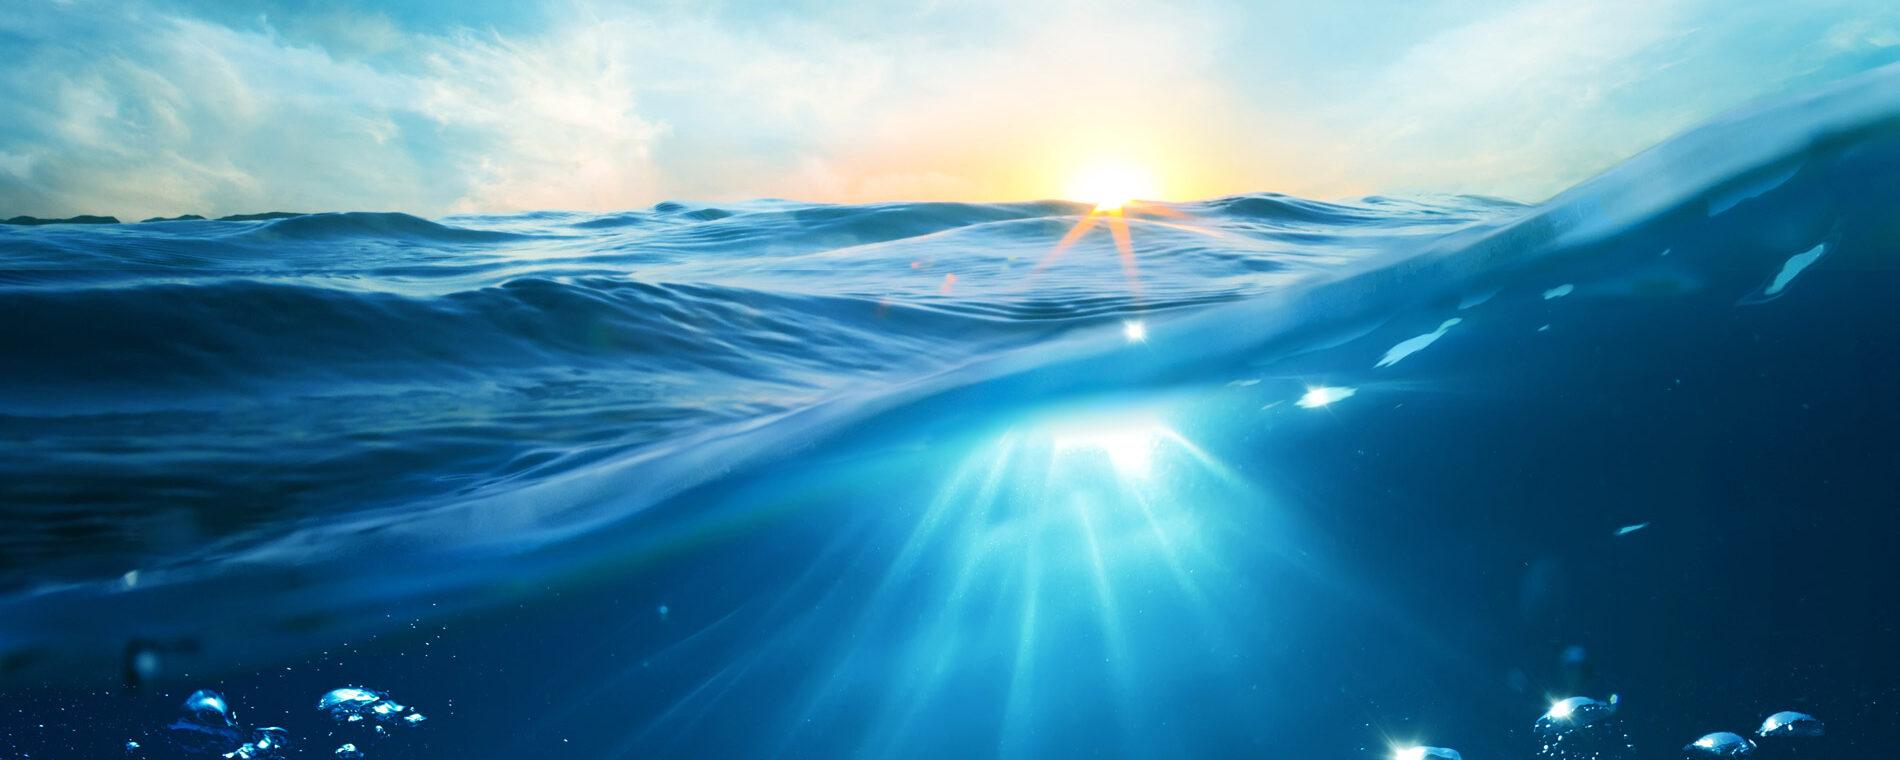 http://Solsken%20som%20skär%20igenom%20vattenytan%20på%20havet